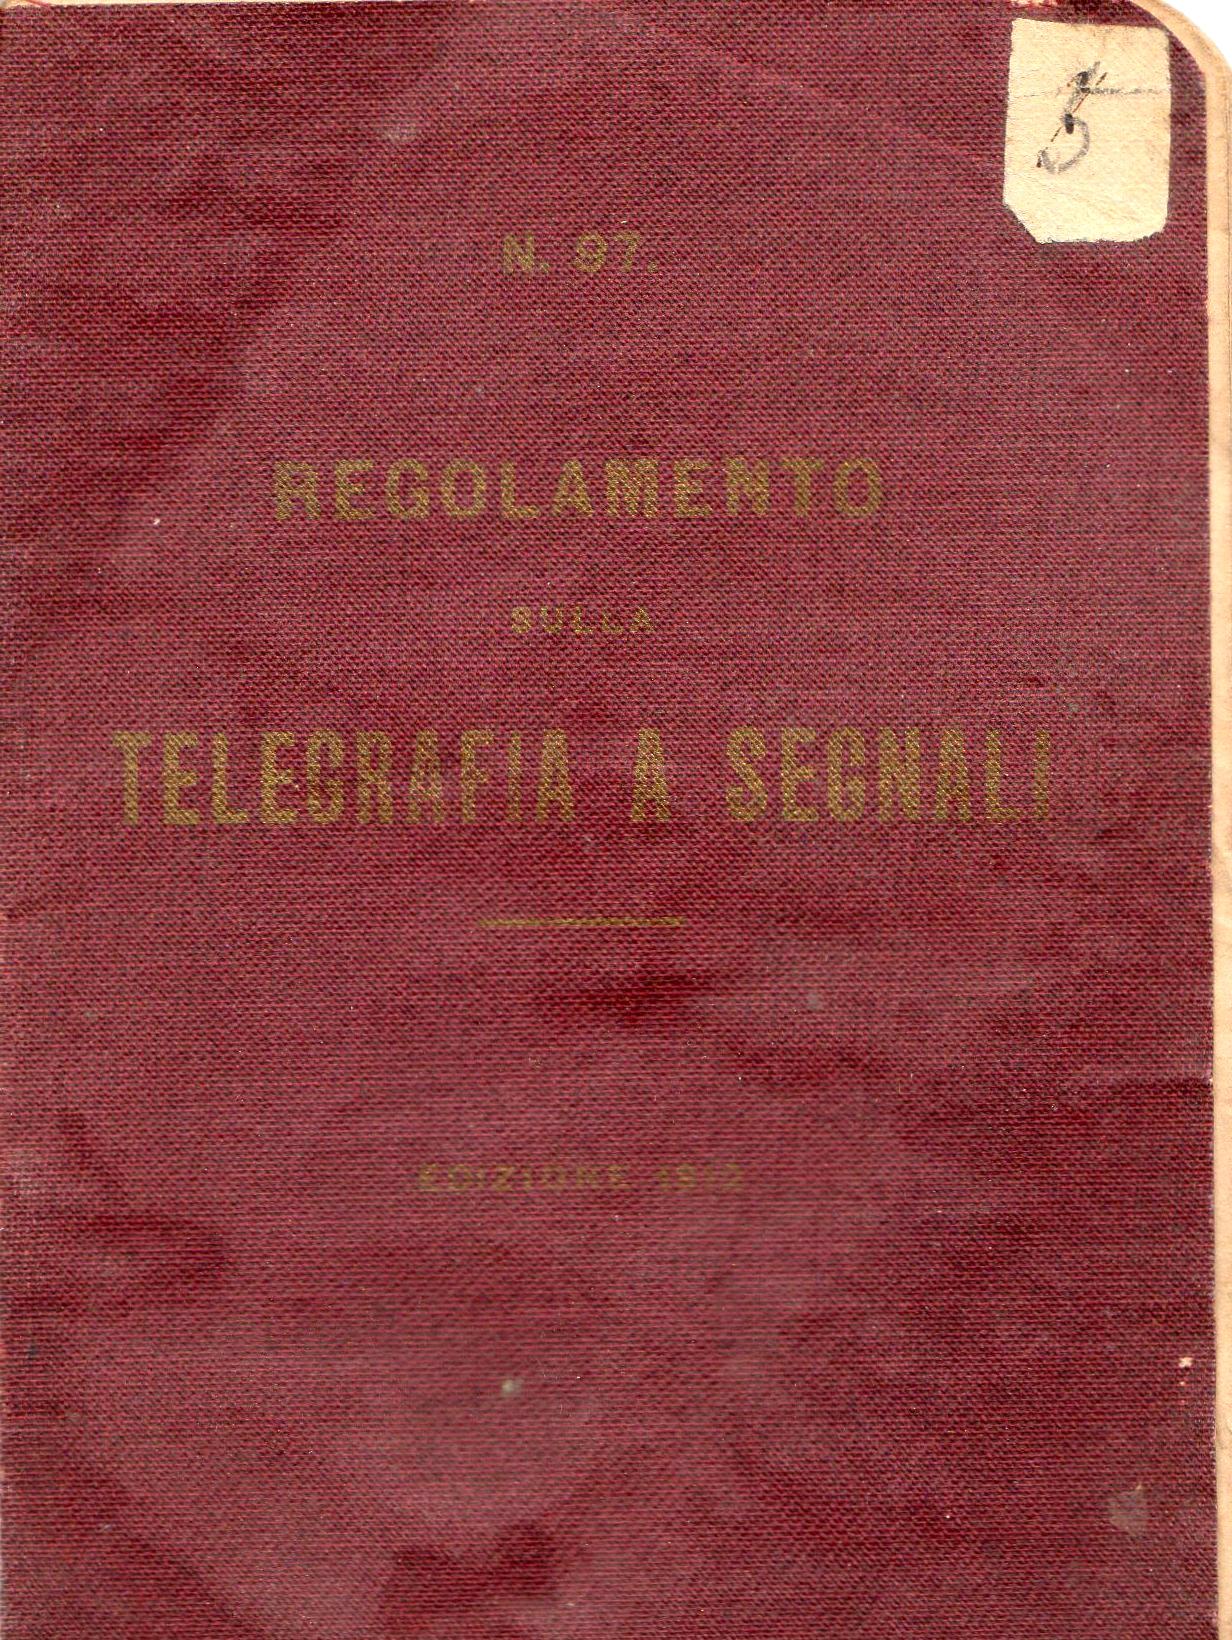 Regolamento esercito arruolato ufficiale di datazione